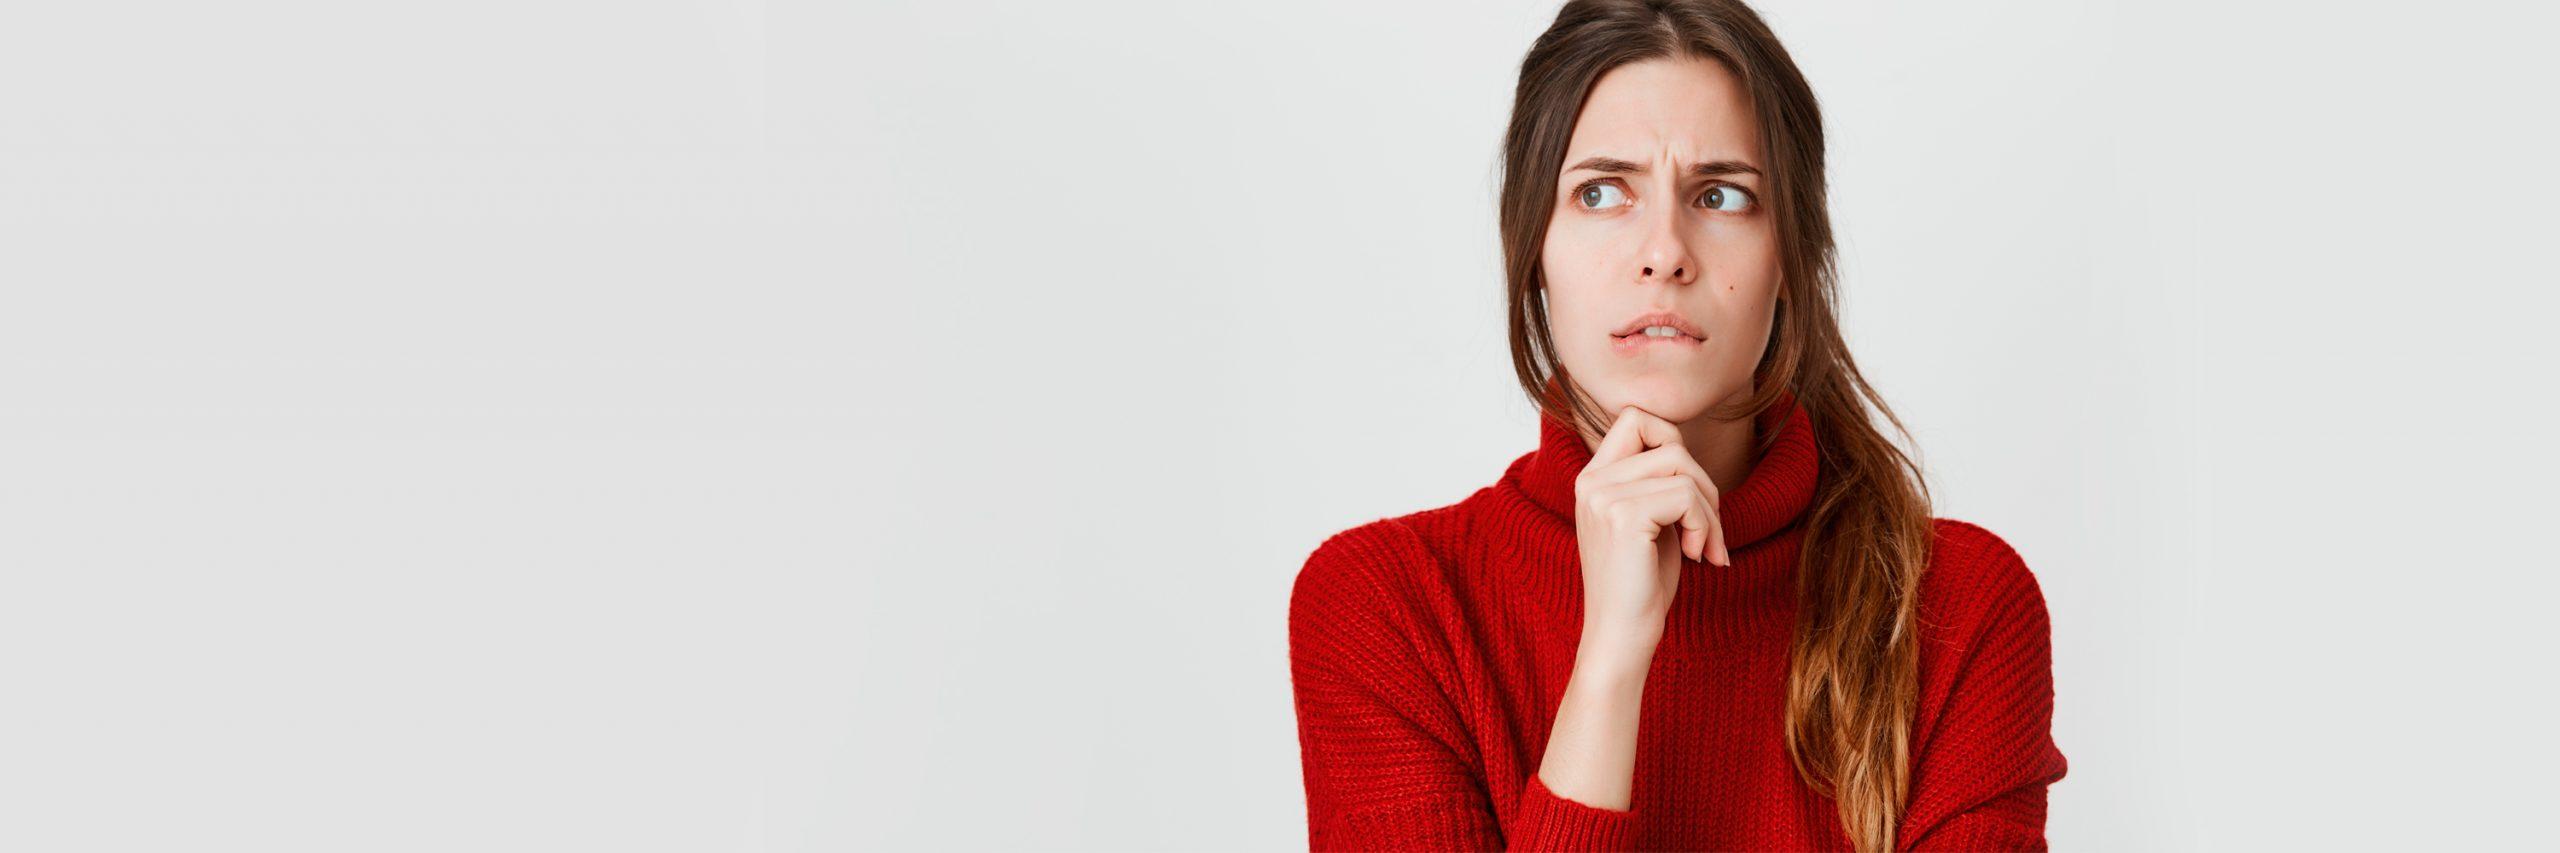 O que é a síndrome do impostor?